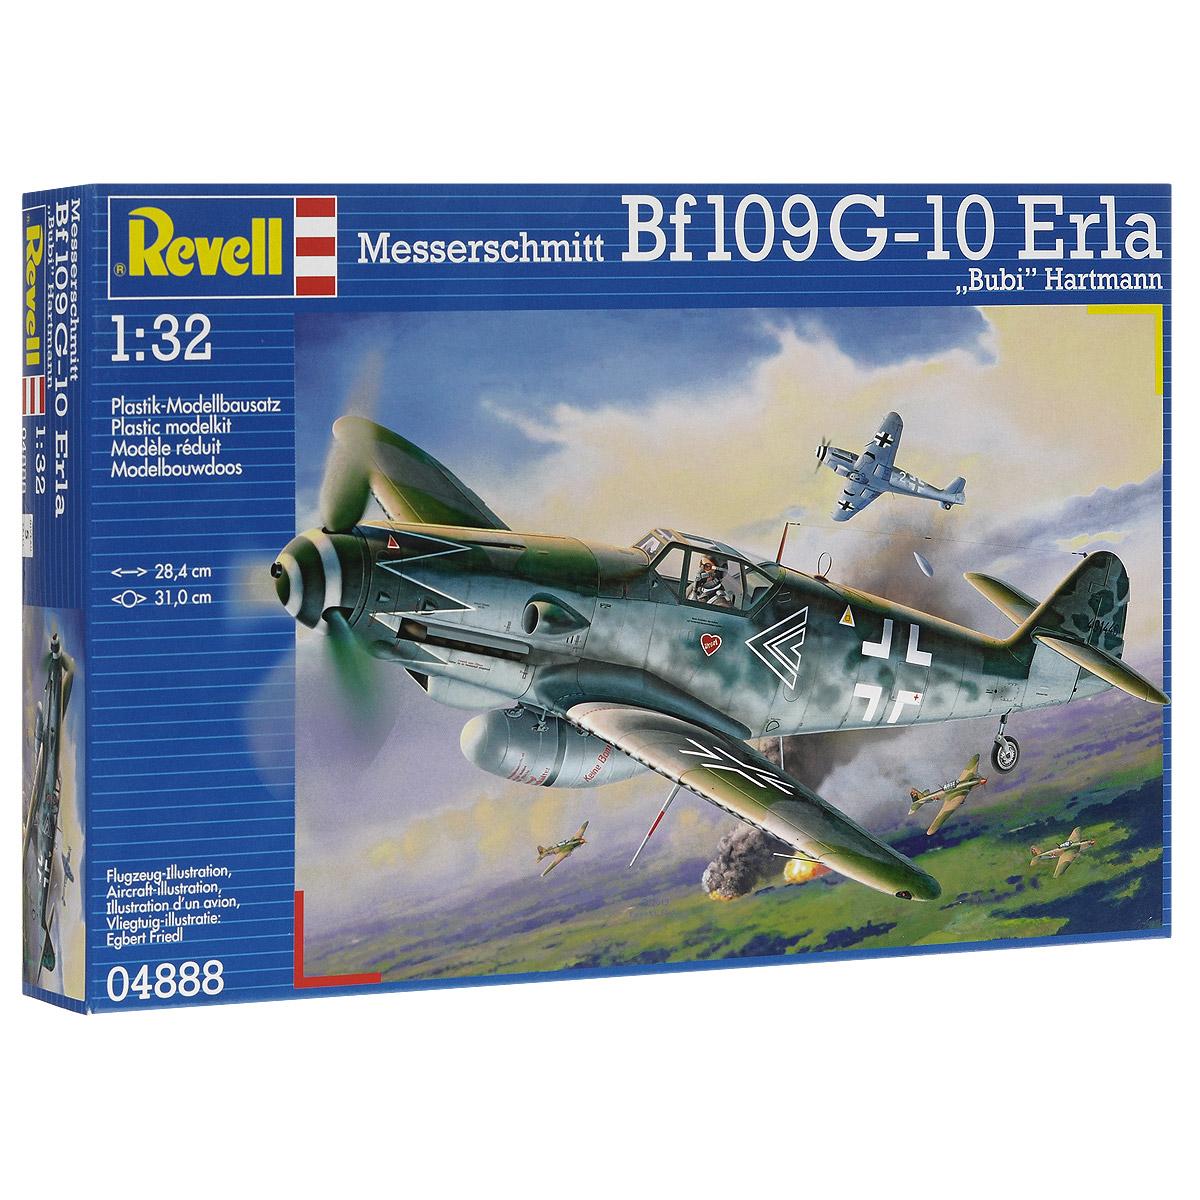 Сборная модель Revell Истребитель Messerschmitt Bf109 G-10 Erla Bubi Hartmann04888Сборная модель Revell Истребитель Messerschmitt Bf109 G-10 Erla Bubi Hartmann поможет вам и вашему ребенку придумать увлекательное занятие на долгое время. Набор включает в себя 147 пластиковых элементов, из которых можно собрать достоверную уменьшенную копию одноименного самолета. Messerschmitt Bf.109 - самый известный и самый массовый немецкий истребитель Второй Мировой. За годы войны промышленность Германии произвела 33 984 самолетов данной модели. По показателю массовости Мессер проигрывает только советскому штурмовику Ил-2. Впервые Bf.109 был использован пилотами легиона Кондор во время гражданской войны в Испании. В ходе Второй мировой Мессер широко применялся на всех театрах военных действий. В том числе и на Восточном фронте. Советские пилоты с уважением относились к этой машине и признавали в ней самого опасного воздушного противника. Стоит отметить, что самый результативный летчик Второй мировой немецкий ас Эрих Хартманн пилотировал именно...